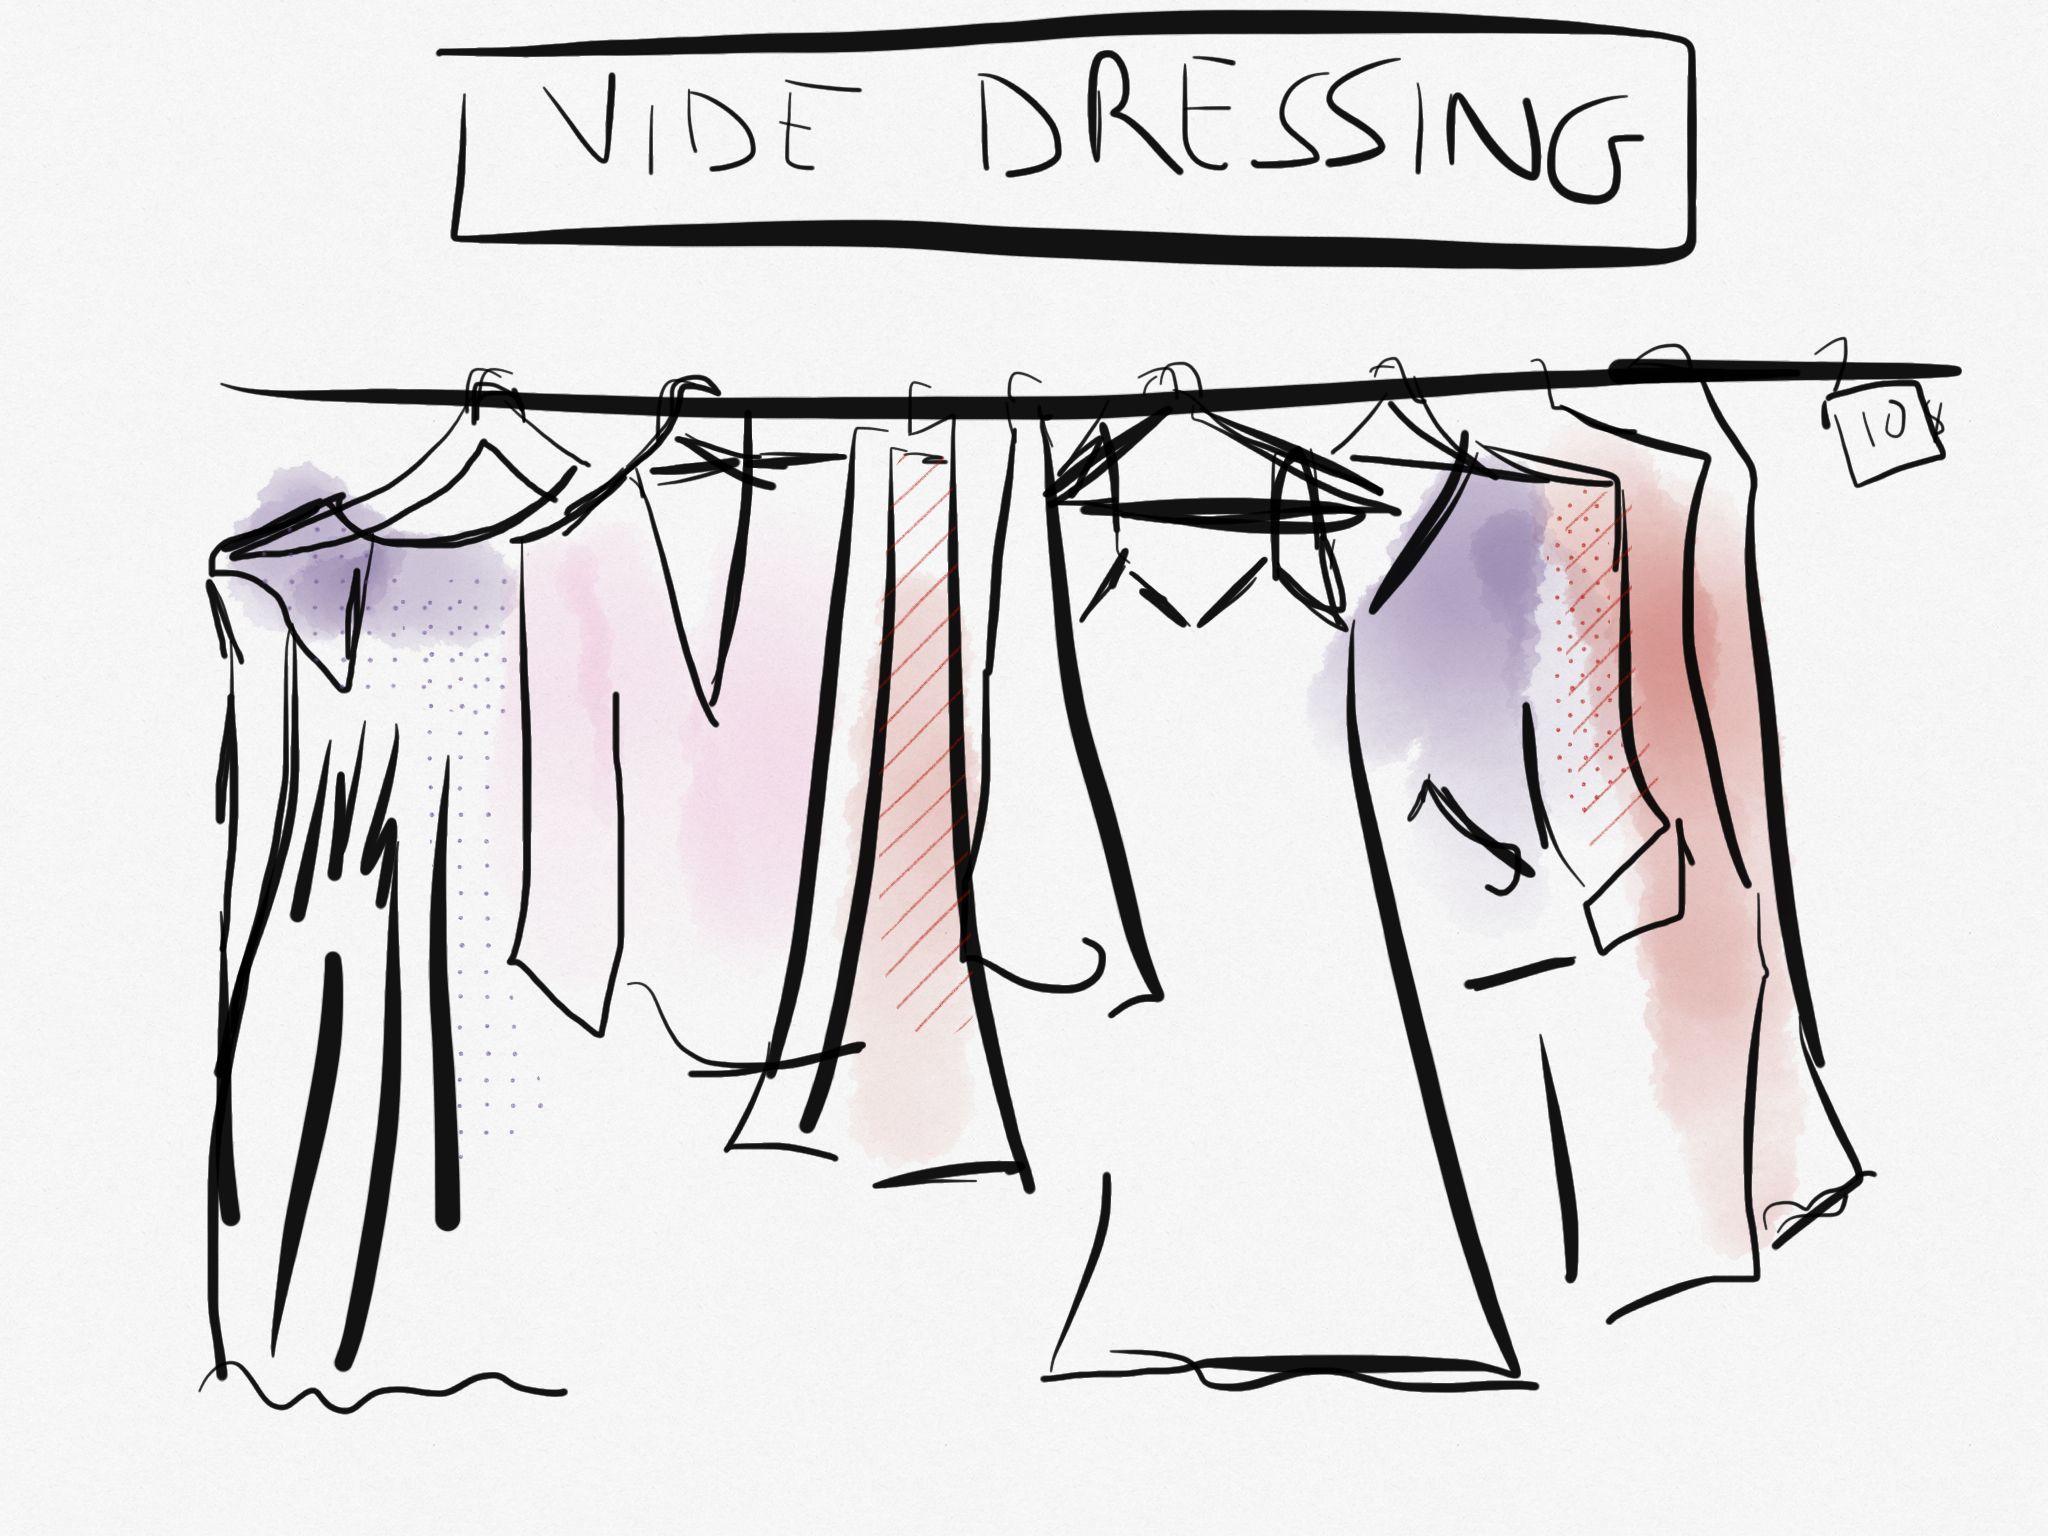 Vide dressing vdcdlp pinterest - Vide dressing montpellier ...